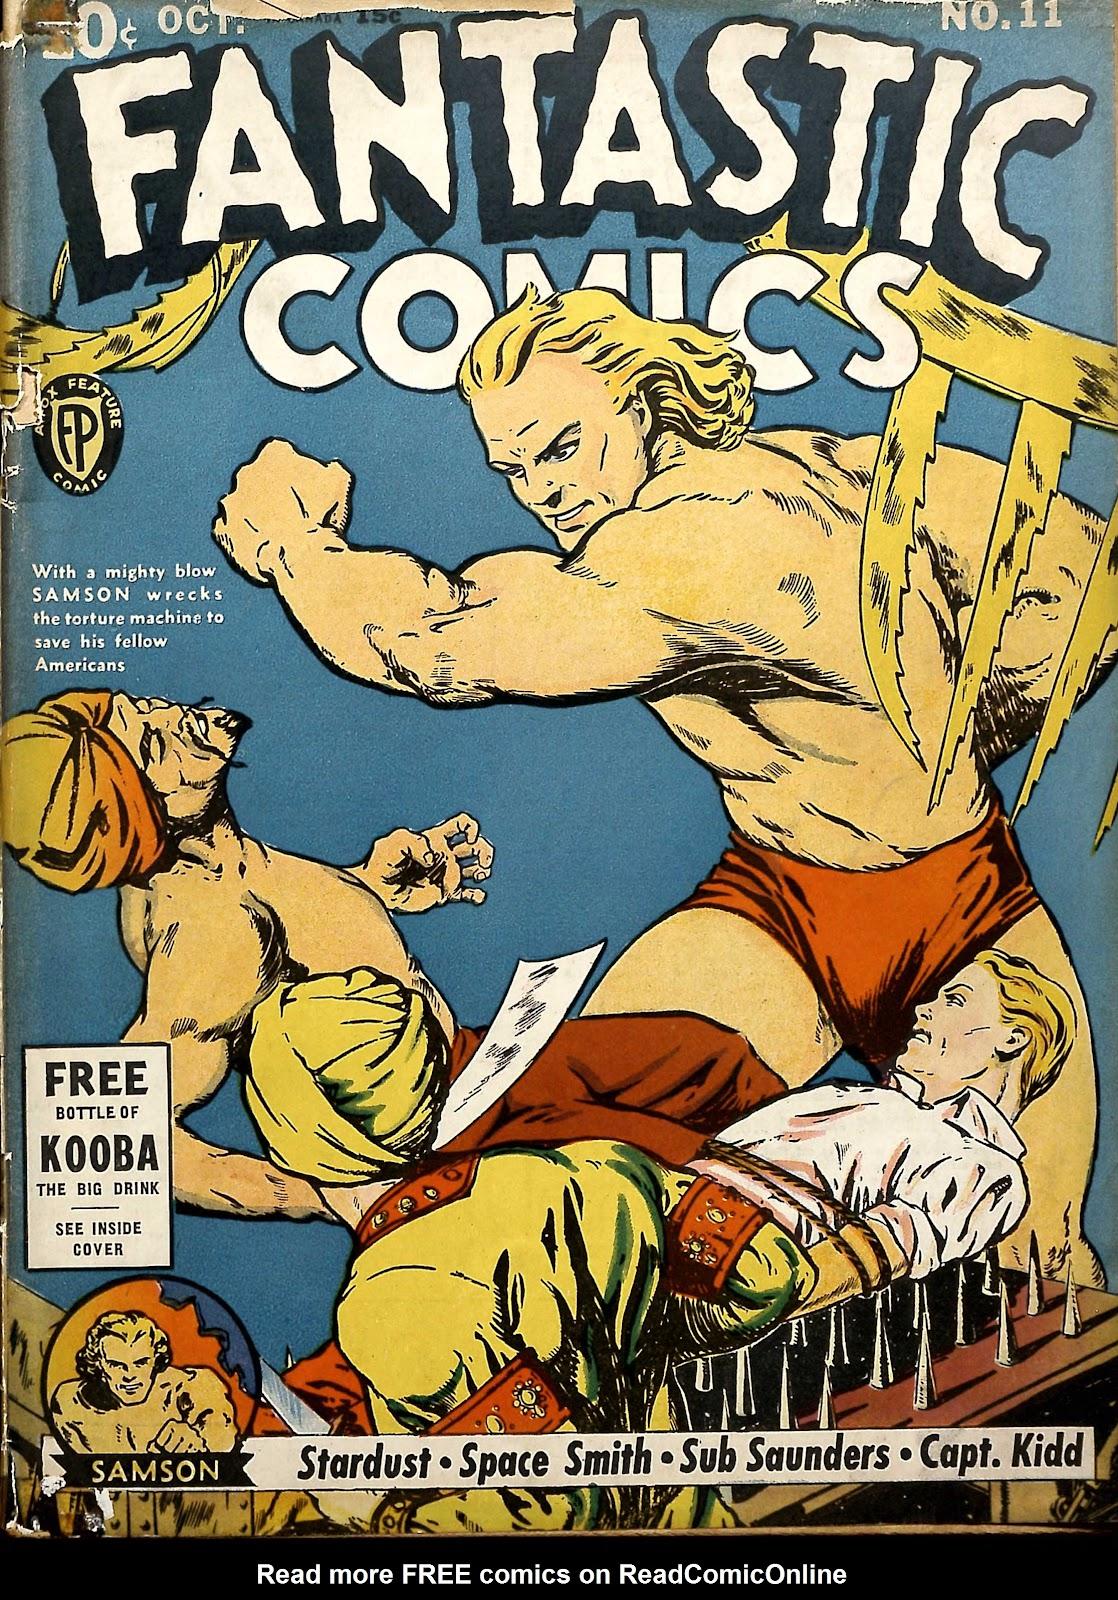 Read online Fantastic Comics comic -  Issue #11 - 2